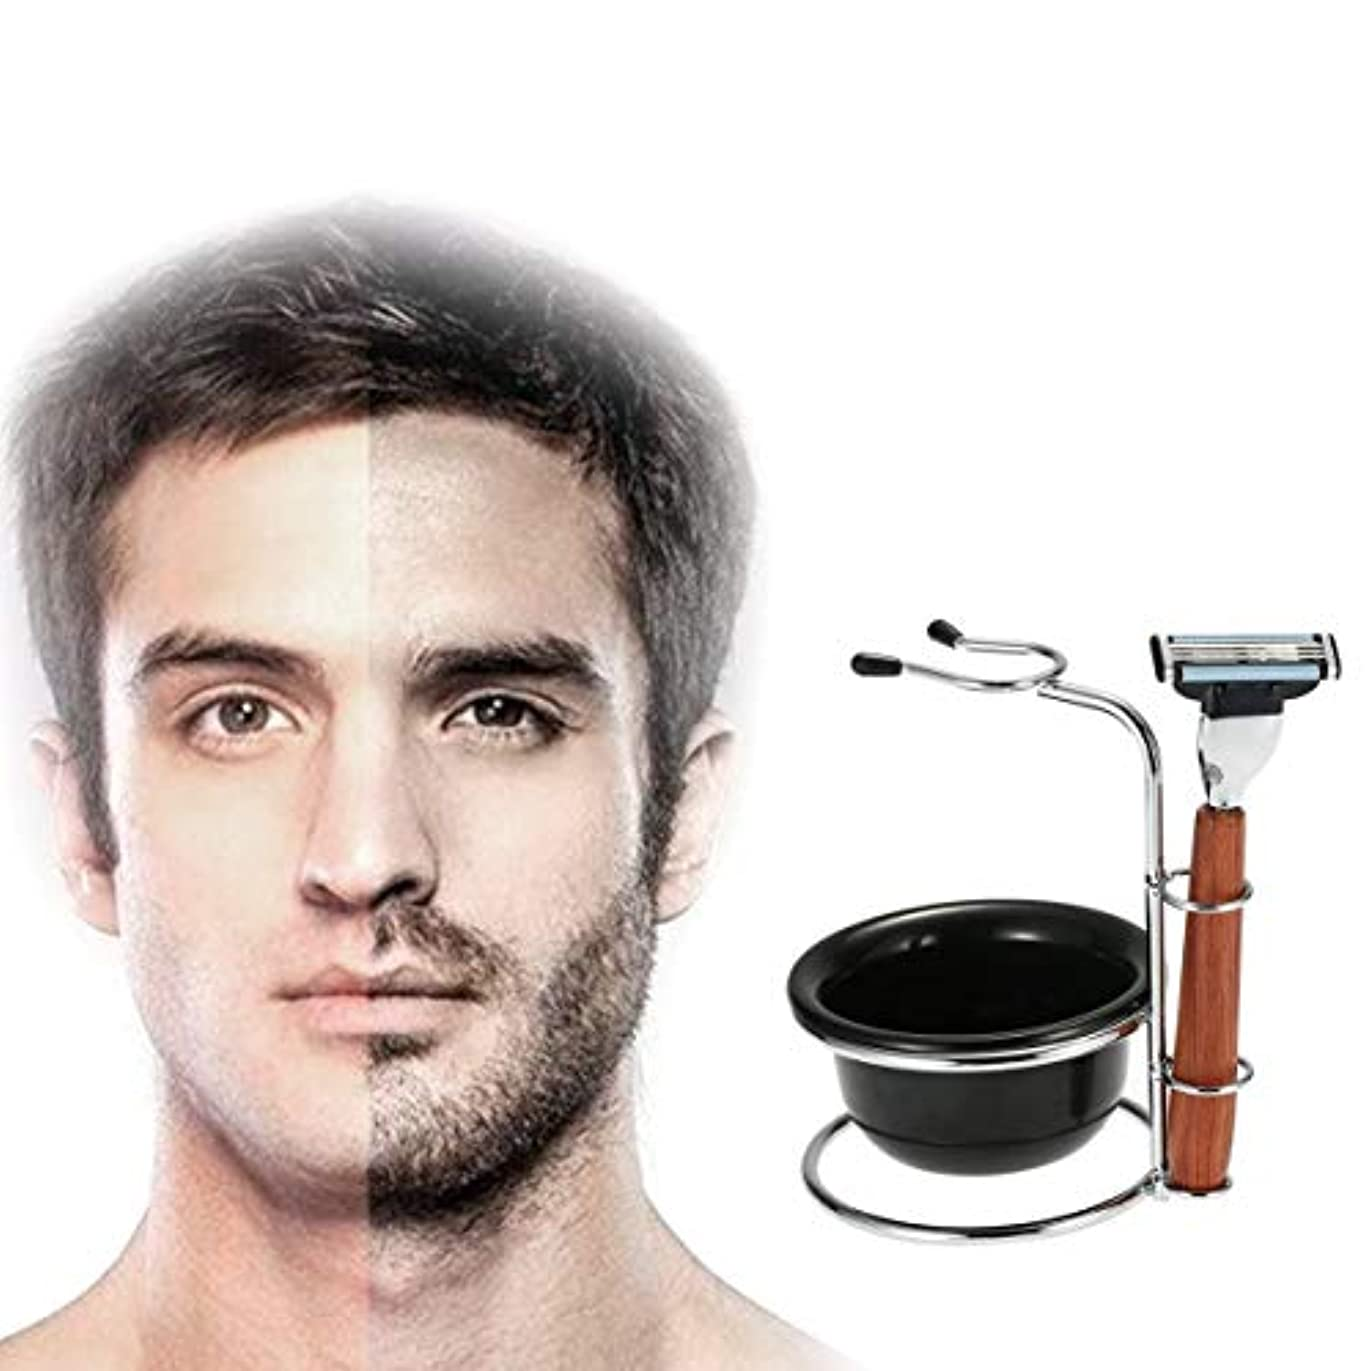 暴君戻る防ぐManual Shaving Set Old-fashioned Beard Razor Rosewood Men Shavers Shaving Razor Hair Trimmer Washable For Home...